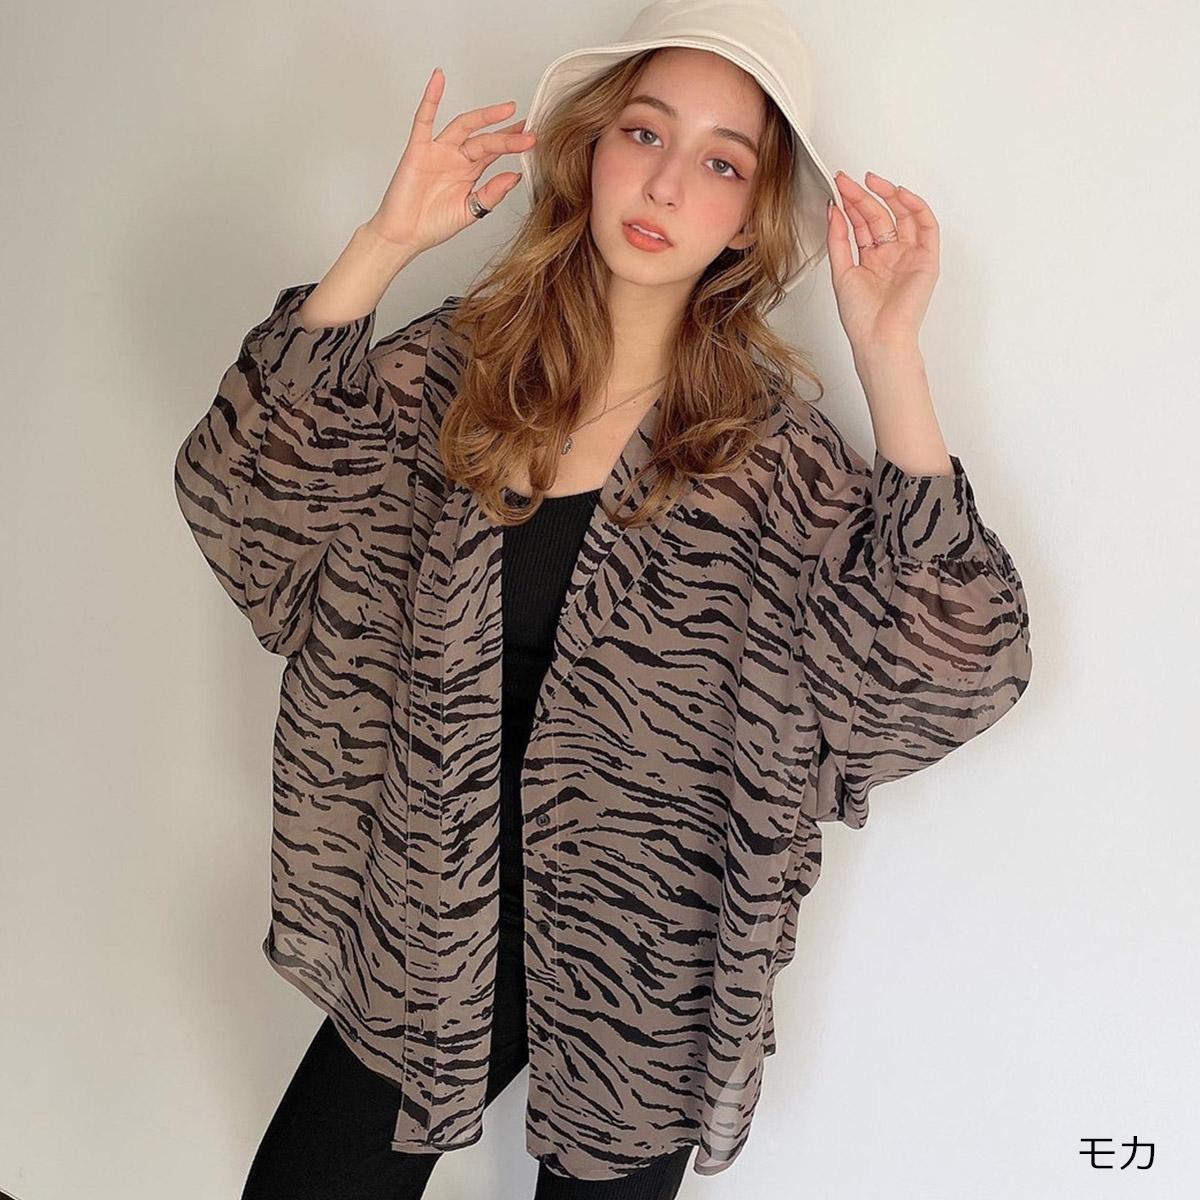 【3/1再入荷】【ネコポス送料無料】インナー付き柄シアーシャツ